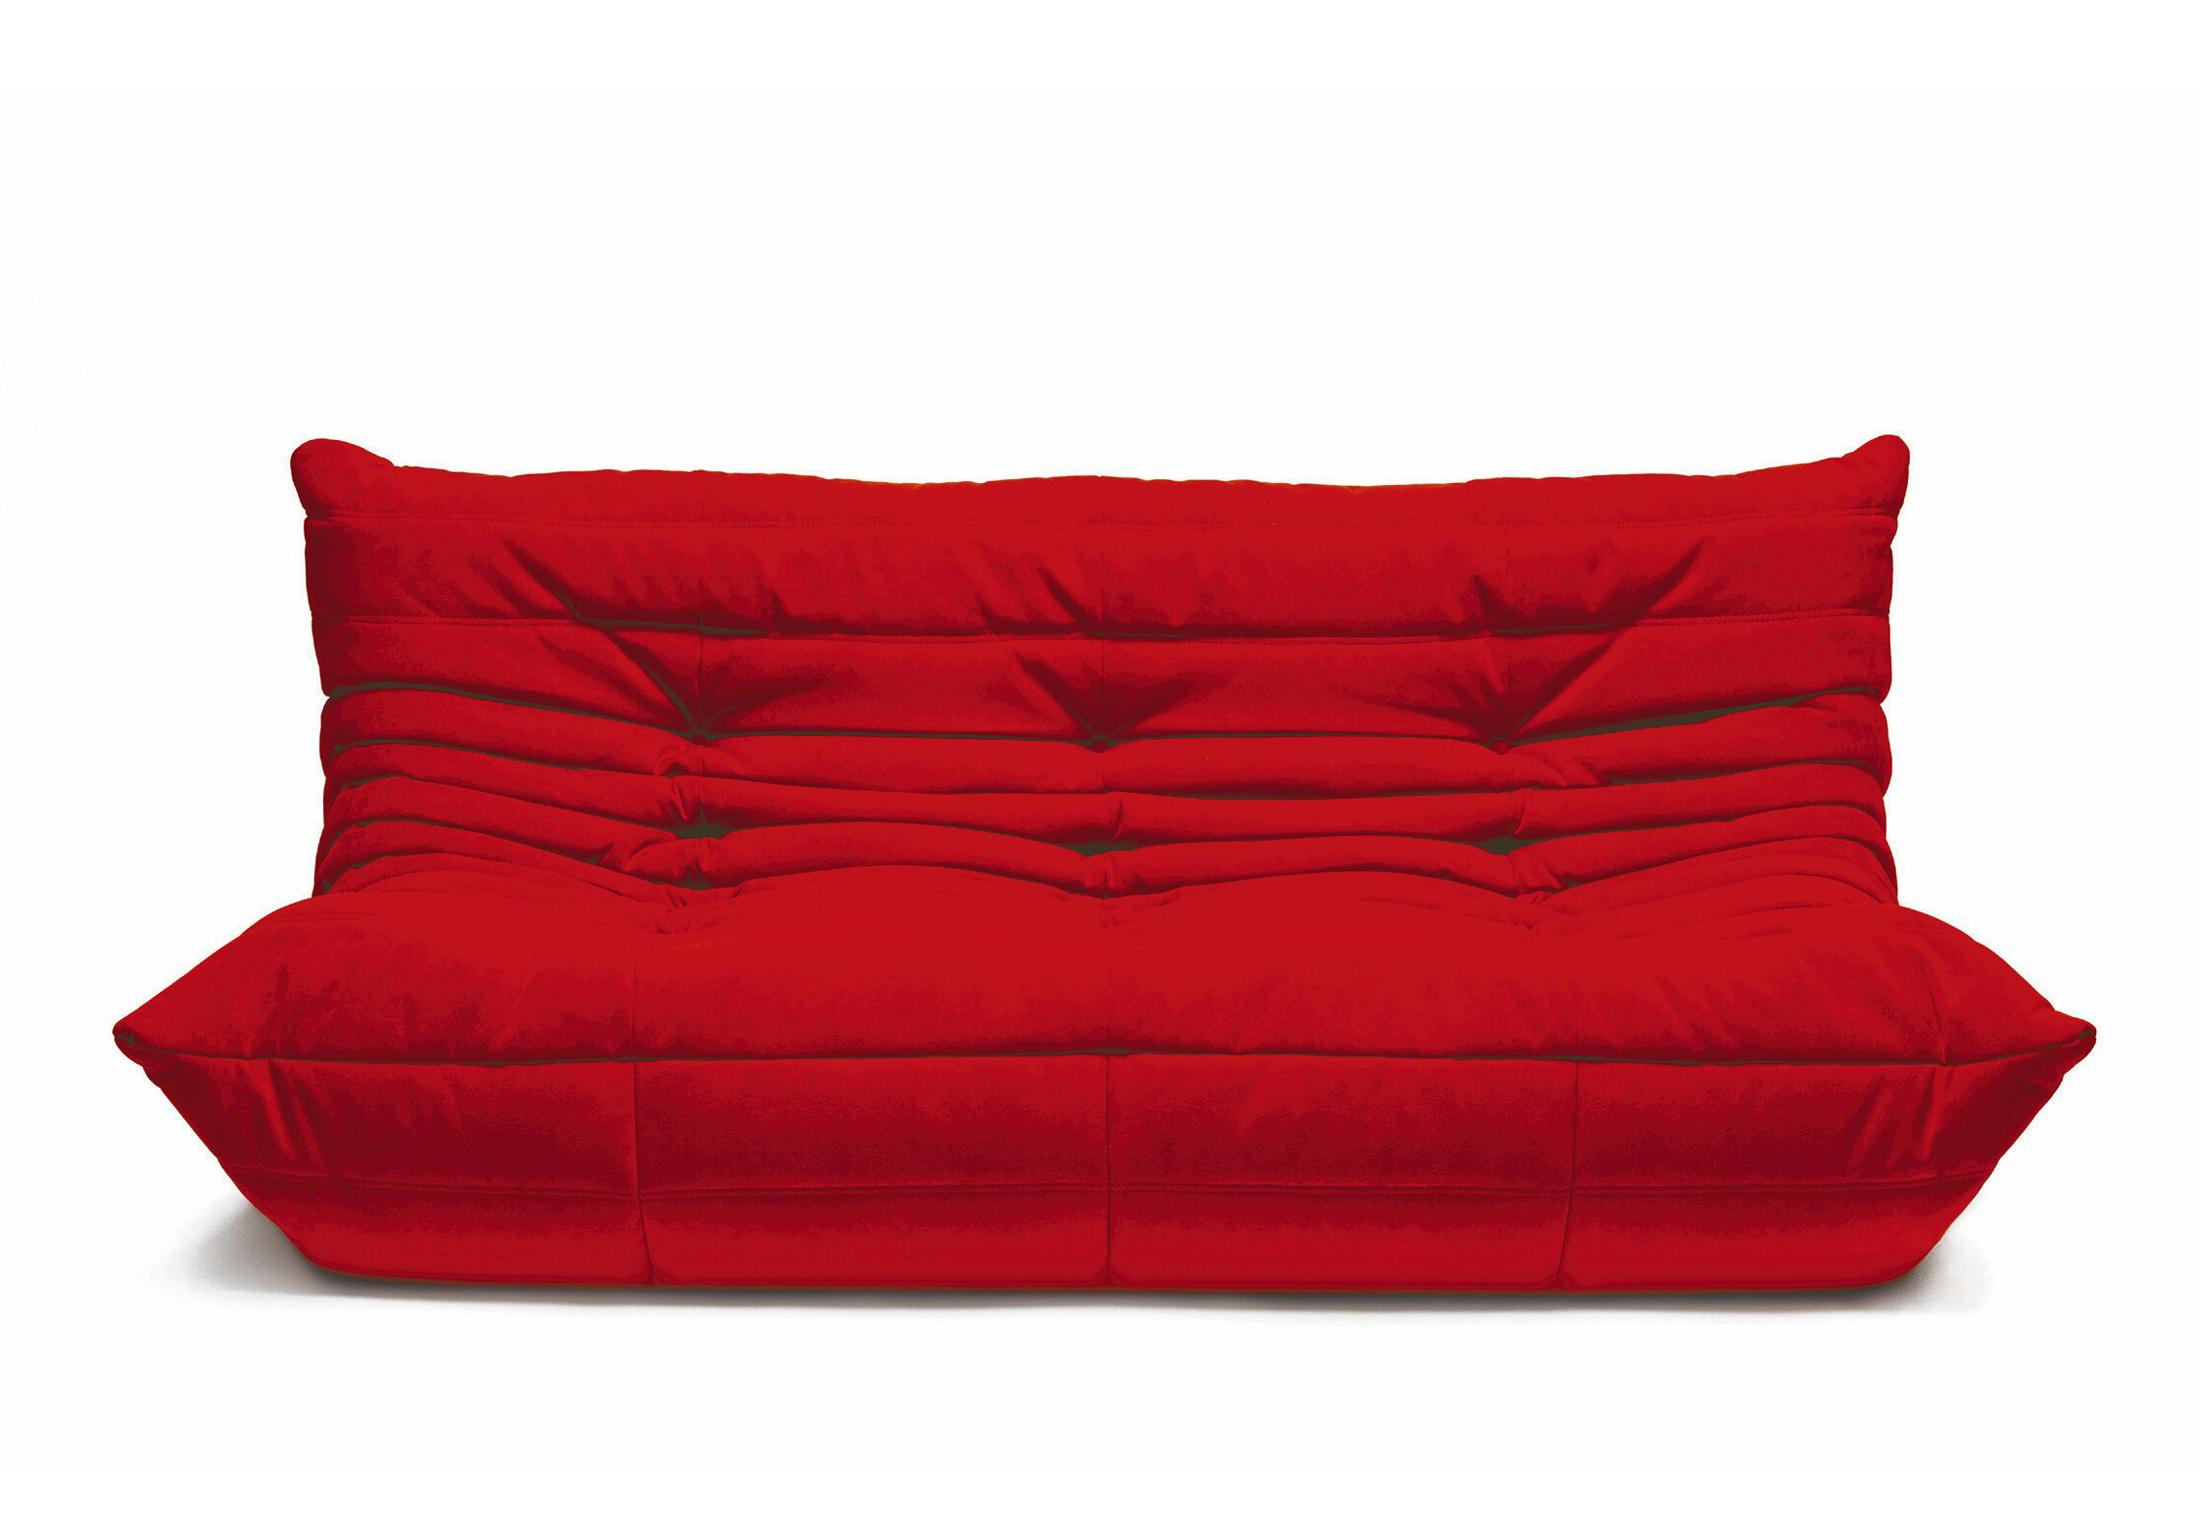 Full Size of Togo Sofa Ligne Roset With Arms Gebraucht List Kaufen Couch Sale Uk Copy Australia Replica Used For Melbourne Kunstleder Landhaus 3er Federkern Brühl U Form Sofa Togo Sofa